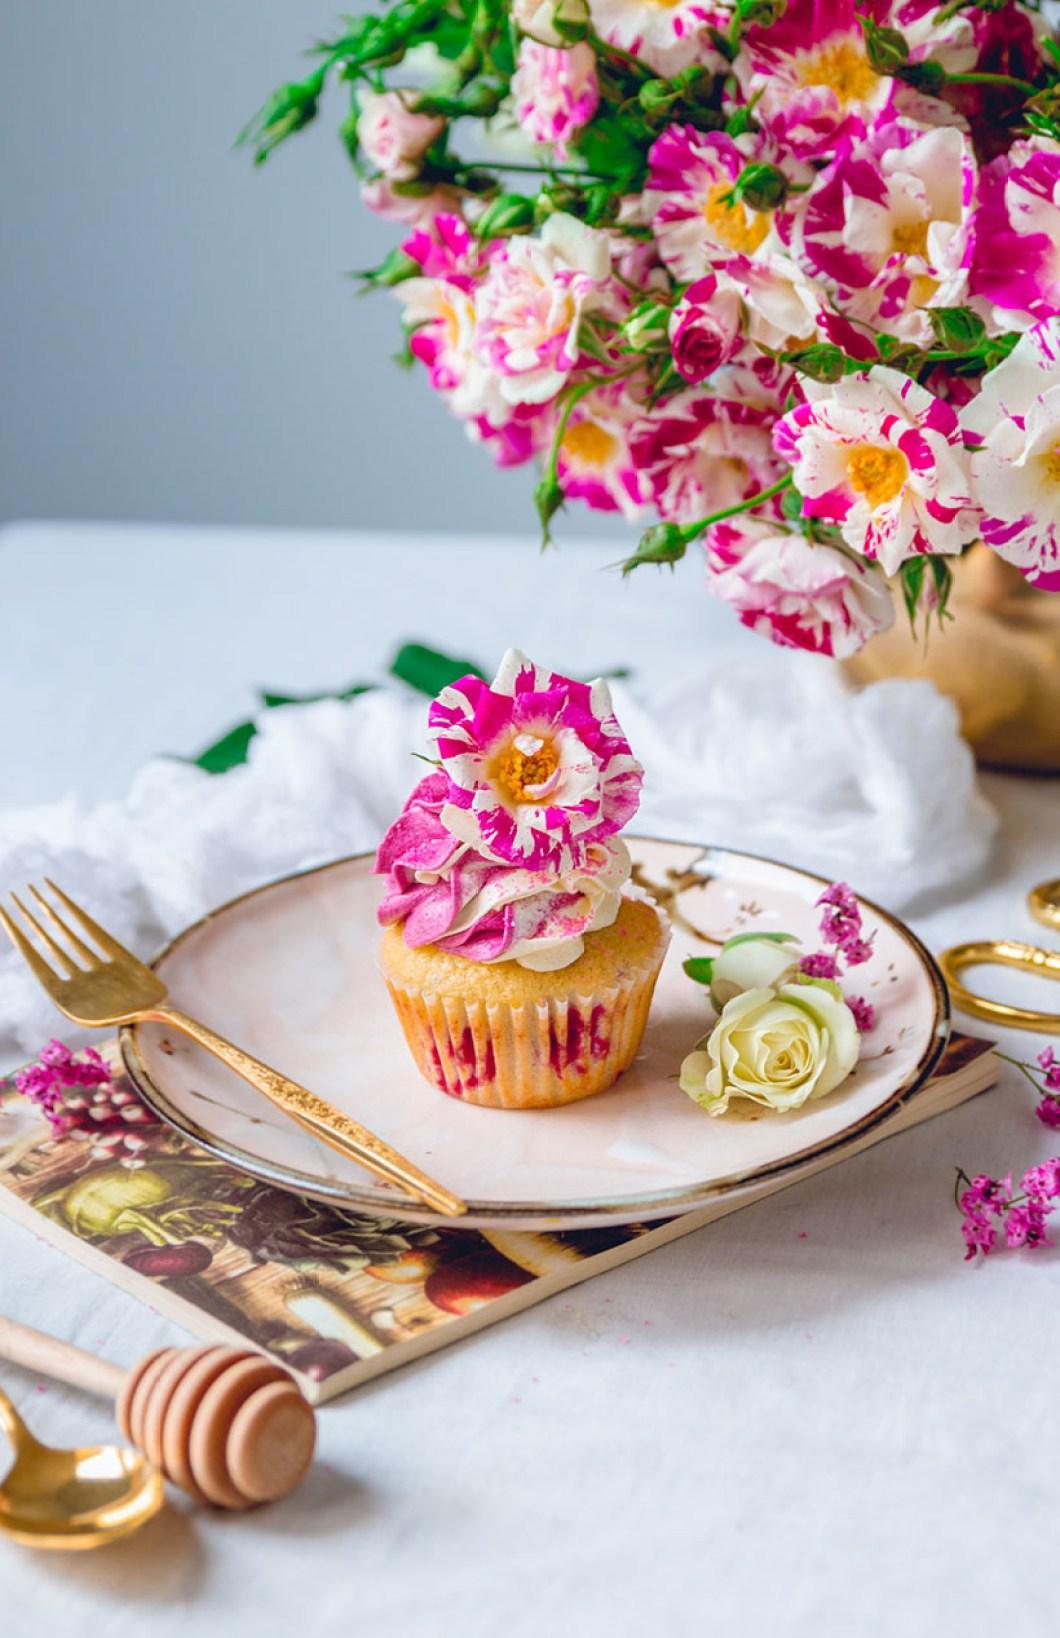 cupcakes_blackberry-8897